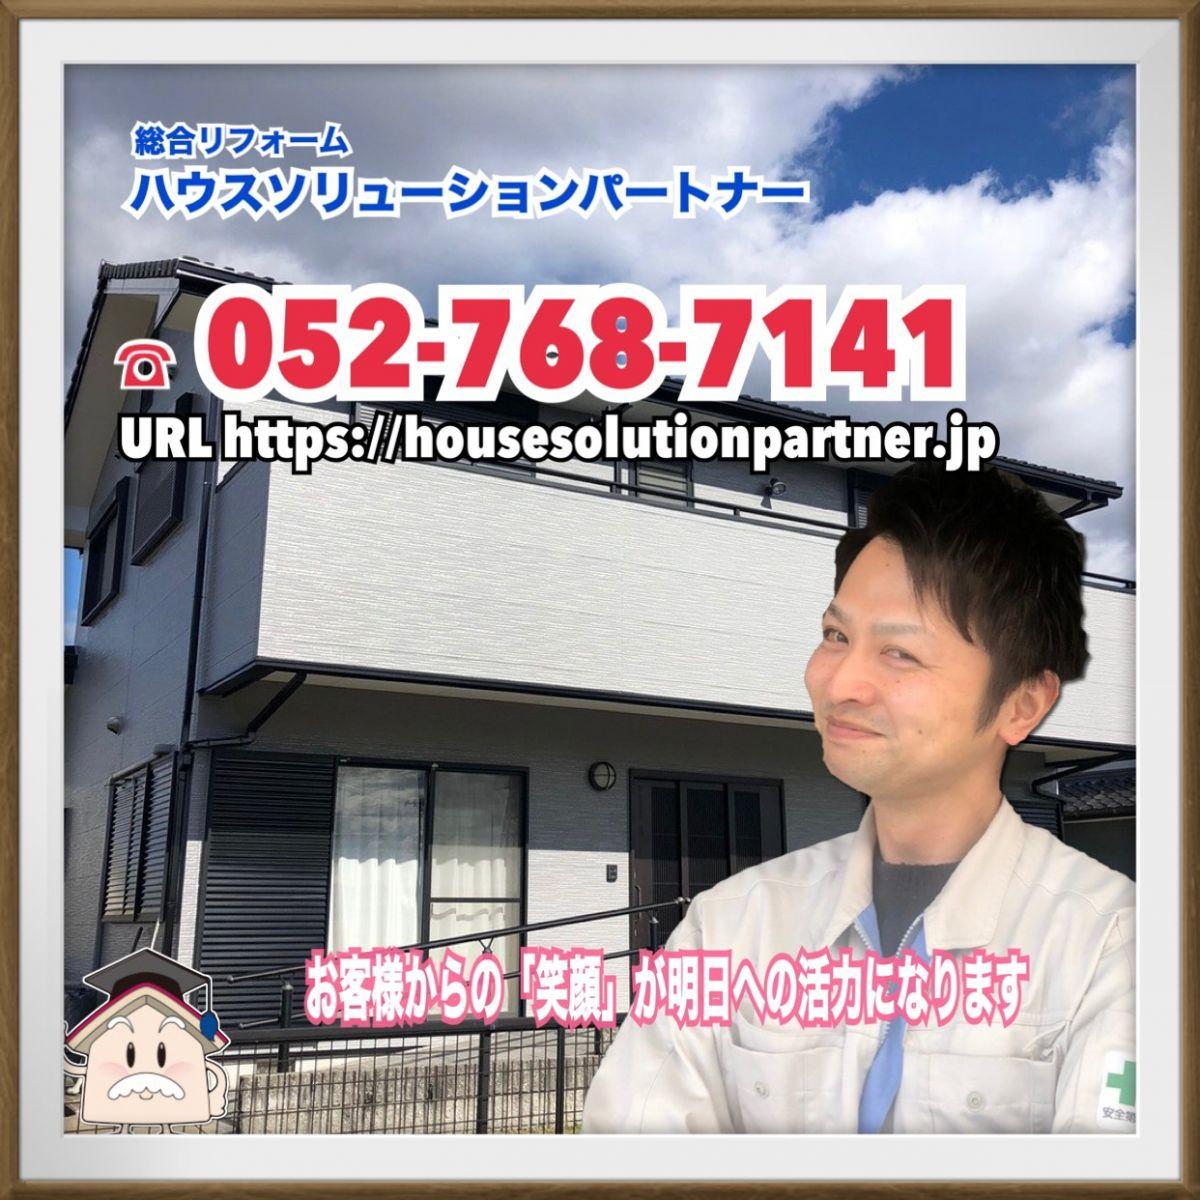 jirei_image53490